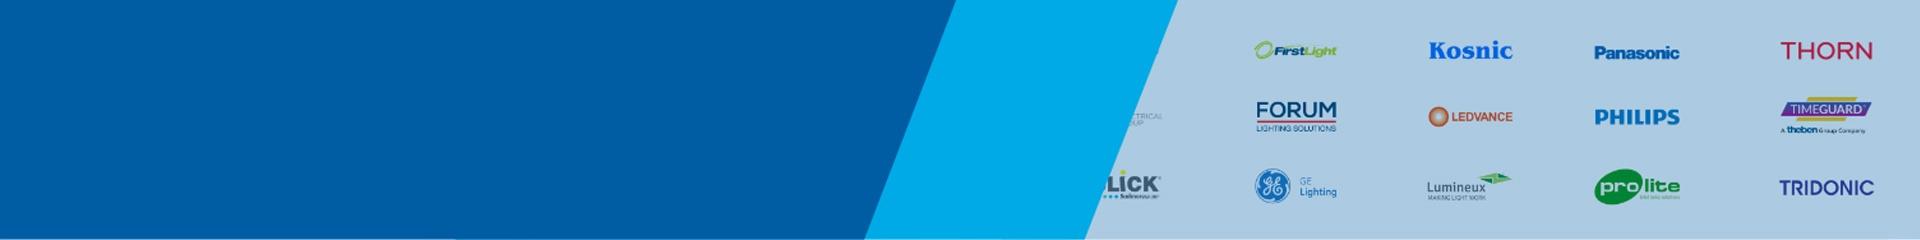 Branded-Lighting-Philips-Osram-Calex-Ledvance_1.jpg